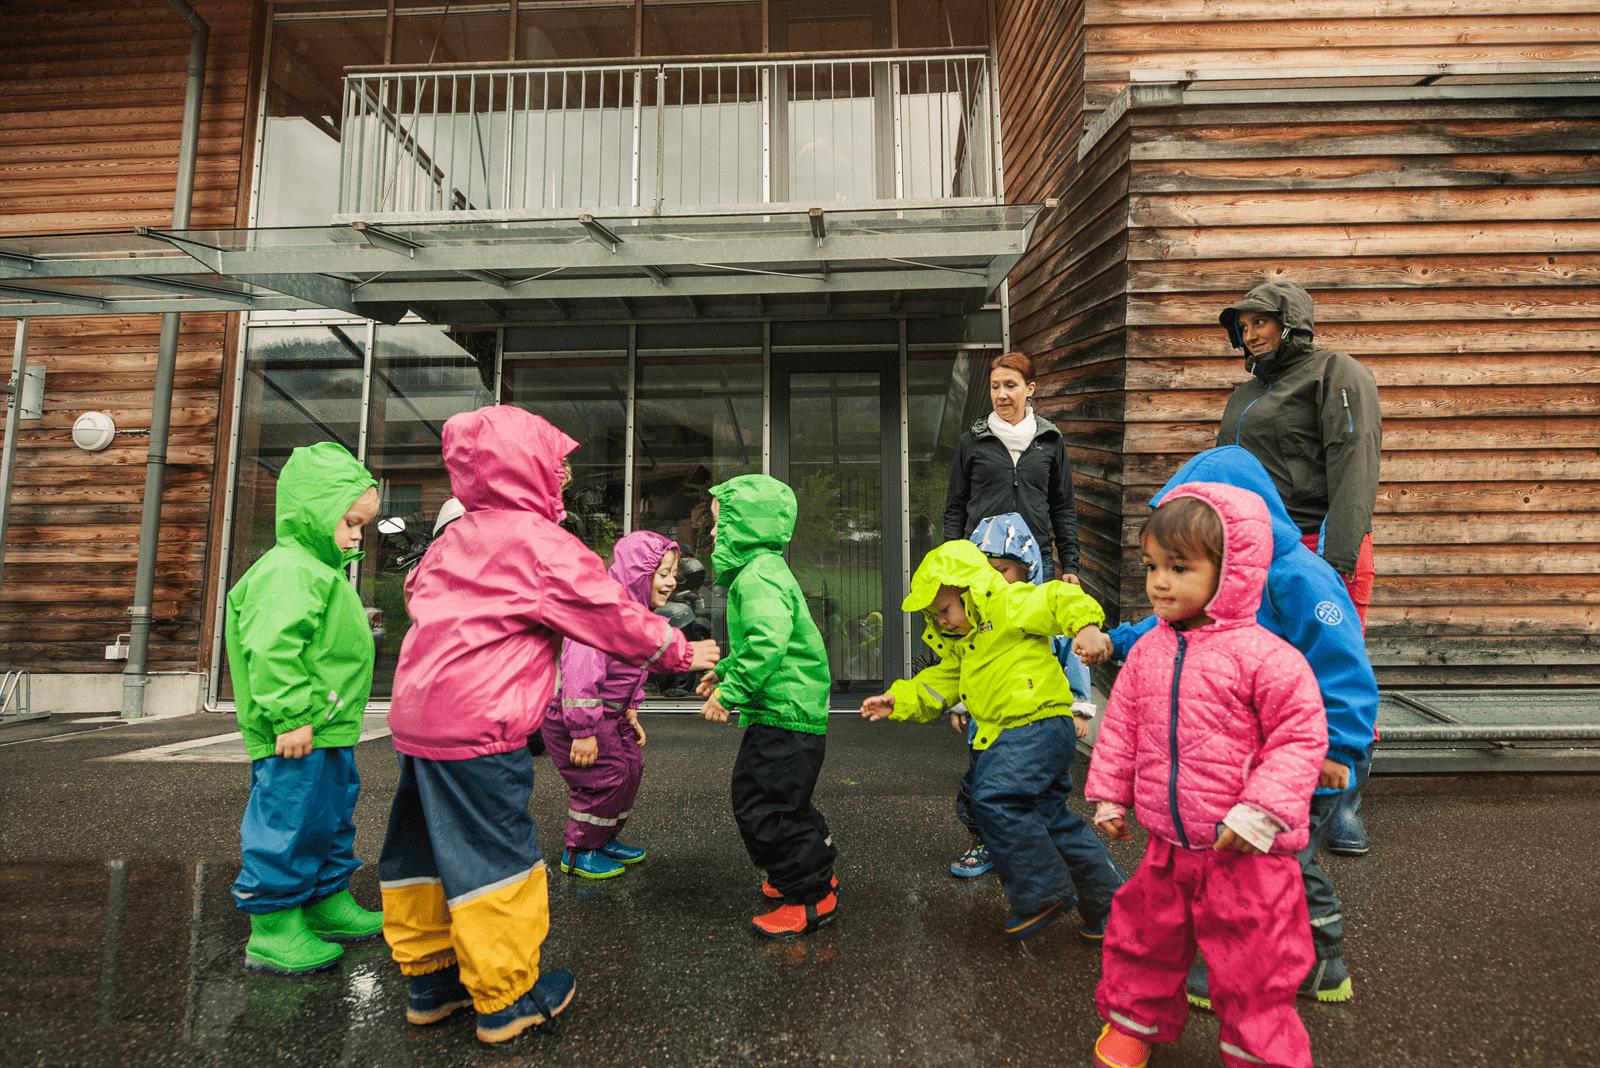 Kita-Kinder haben sichtlich am Spass beim Pfützenspringen.